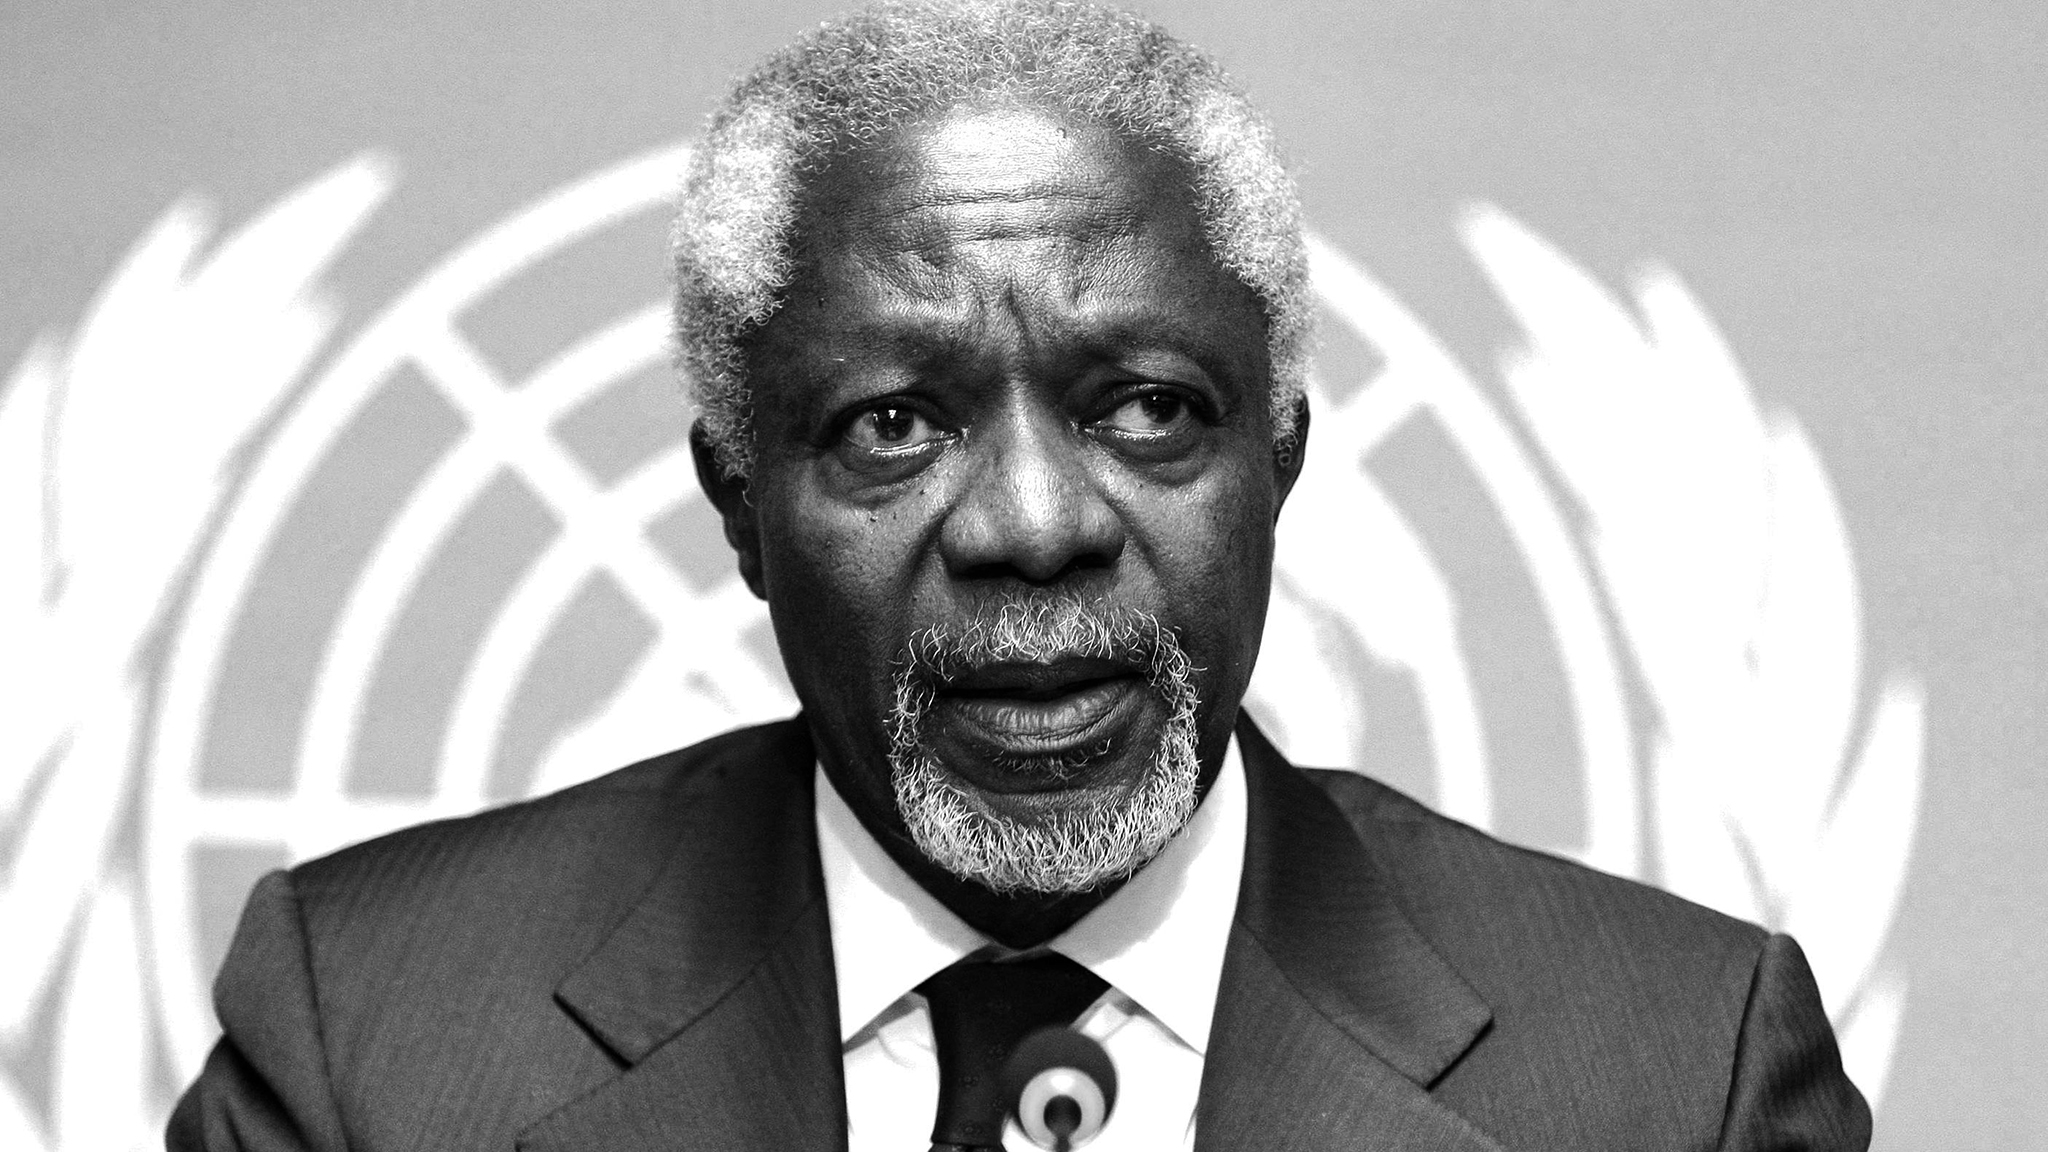 Óbito | Kofi Annan, ex-secretário-geral da ONU, morre aos 80 anos